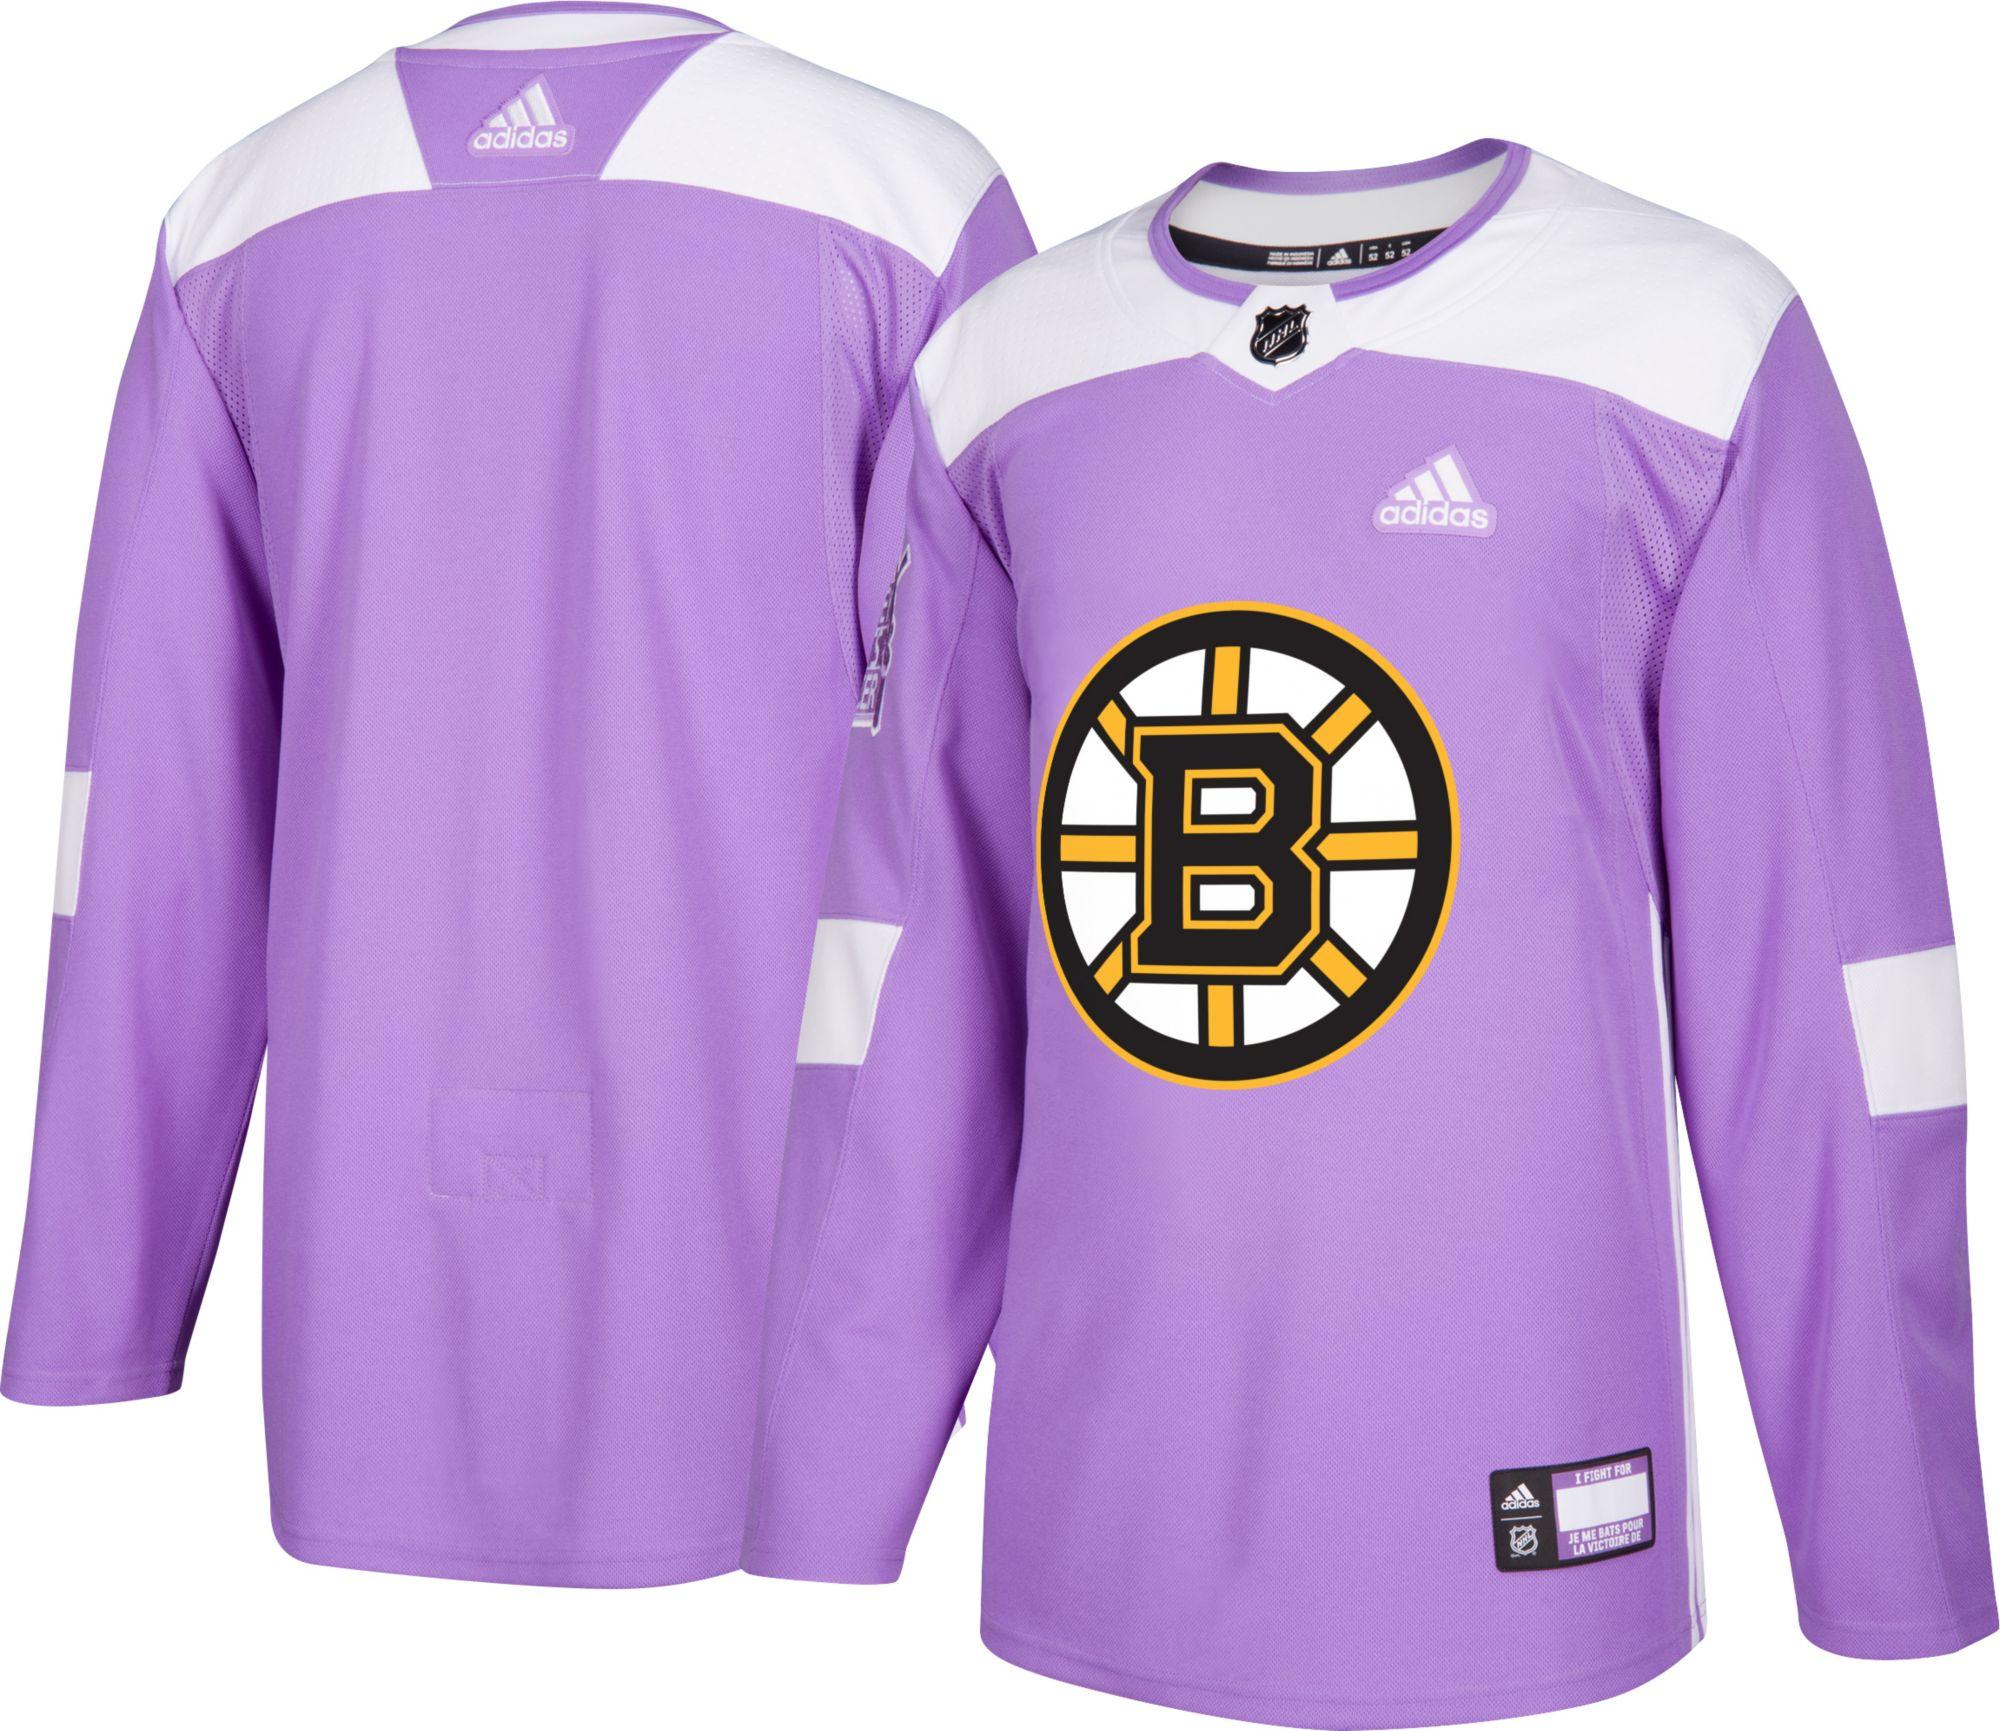 c31702e5f53 boston bruins purple jersey